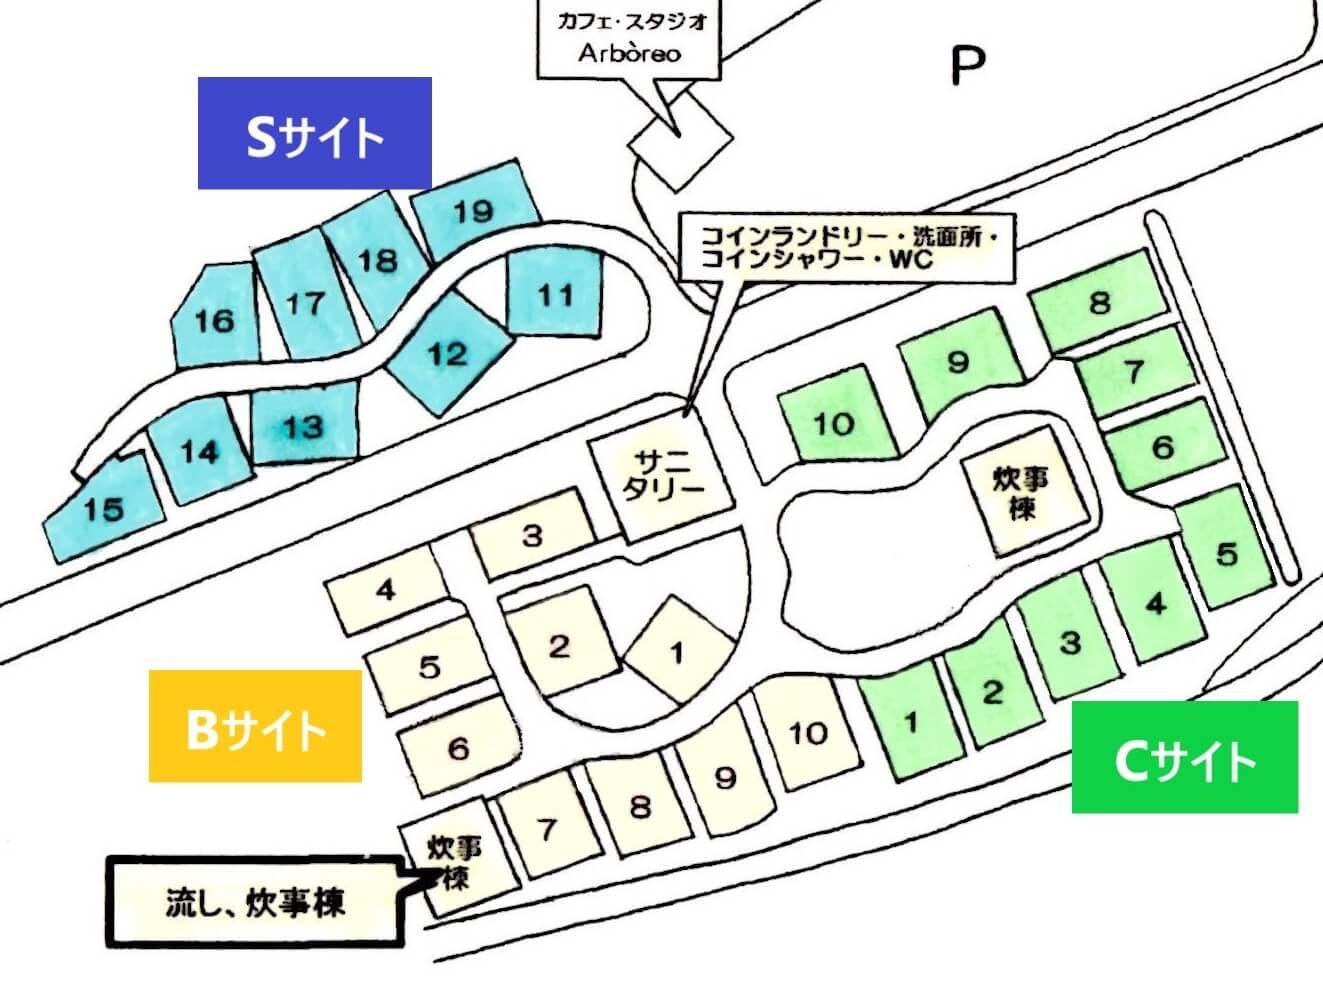 秋吉台オートキャンプ場のBサイト・Cサイト・Sサイトの拡大マップ